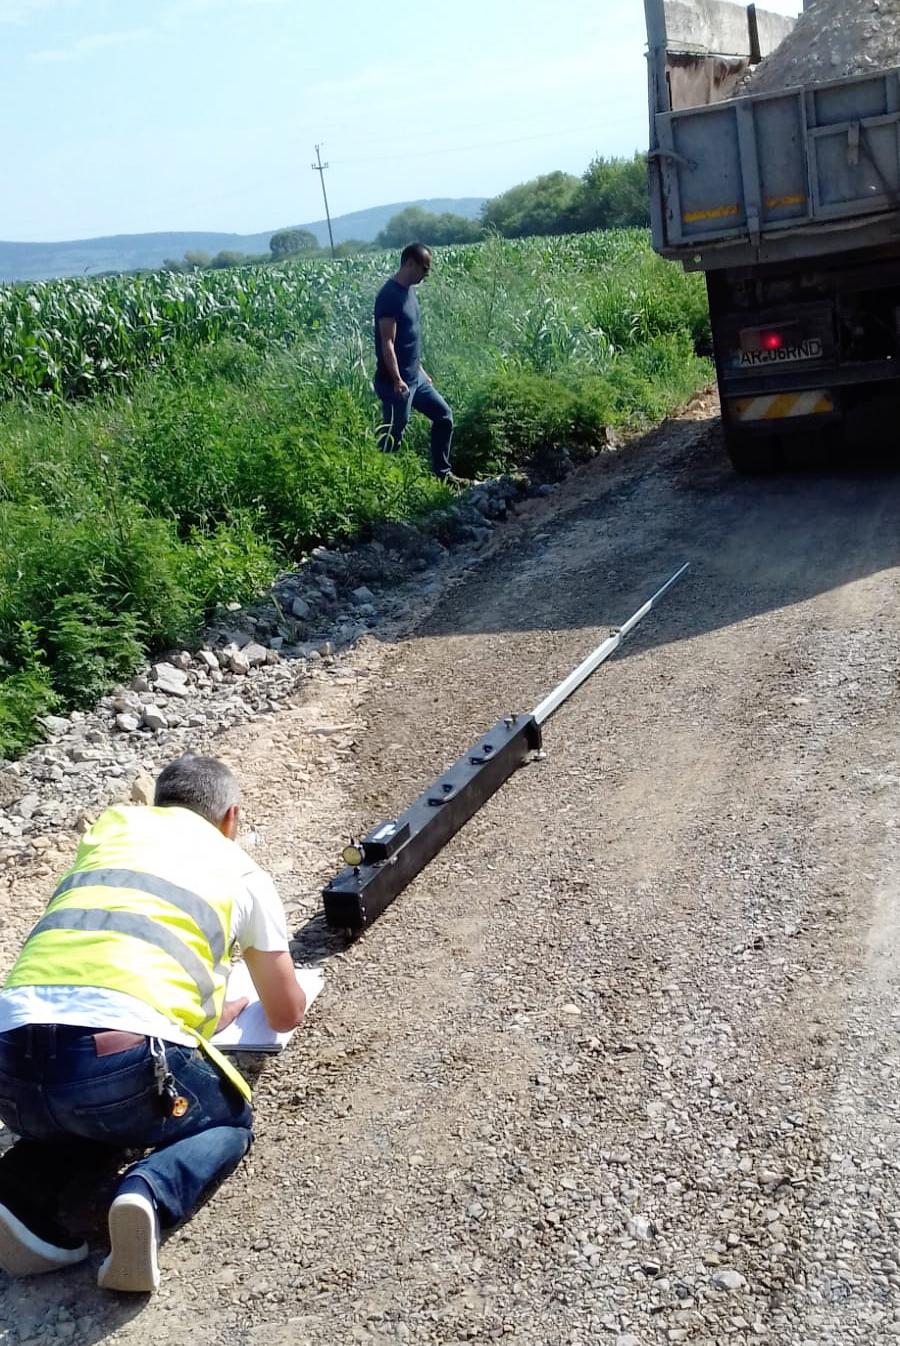 Consiliul Județean Arad a publicat astăzi o fotografie inedită despre modul în care se măsoară capacitatea portantă a unui tronson de pe drumul județean Pâncota-Buteni